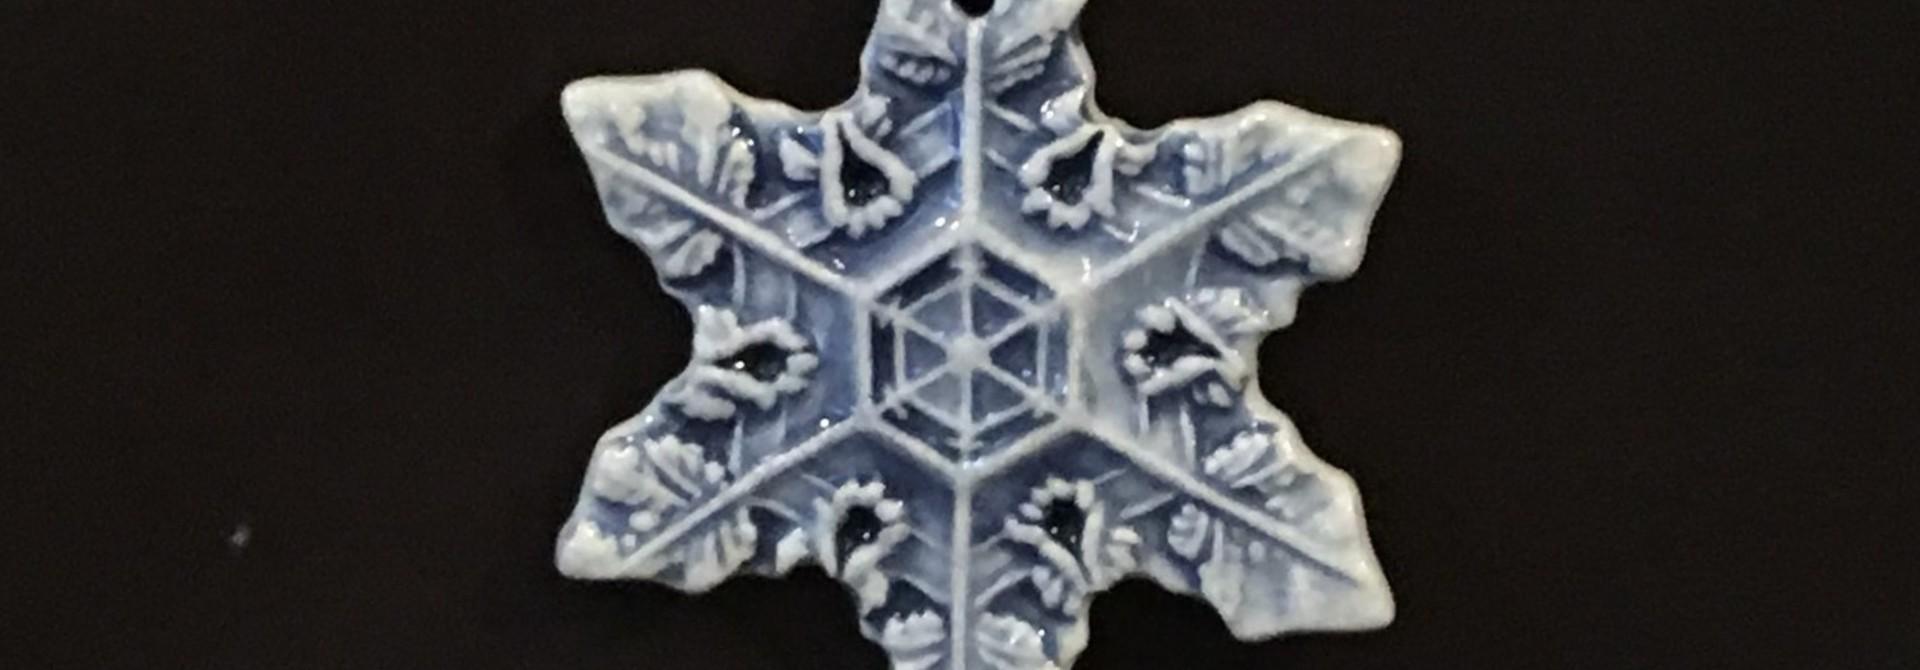 SNOWFLAKE VI